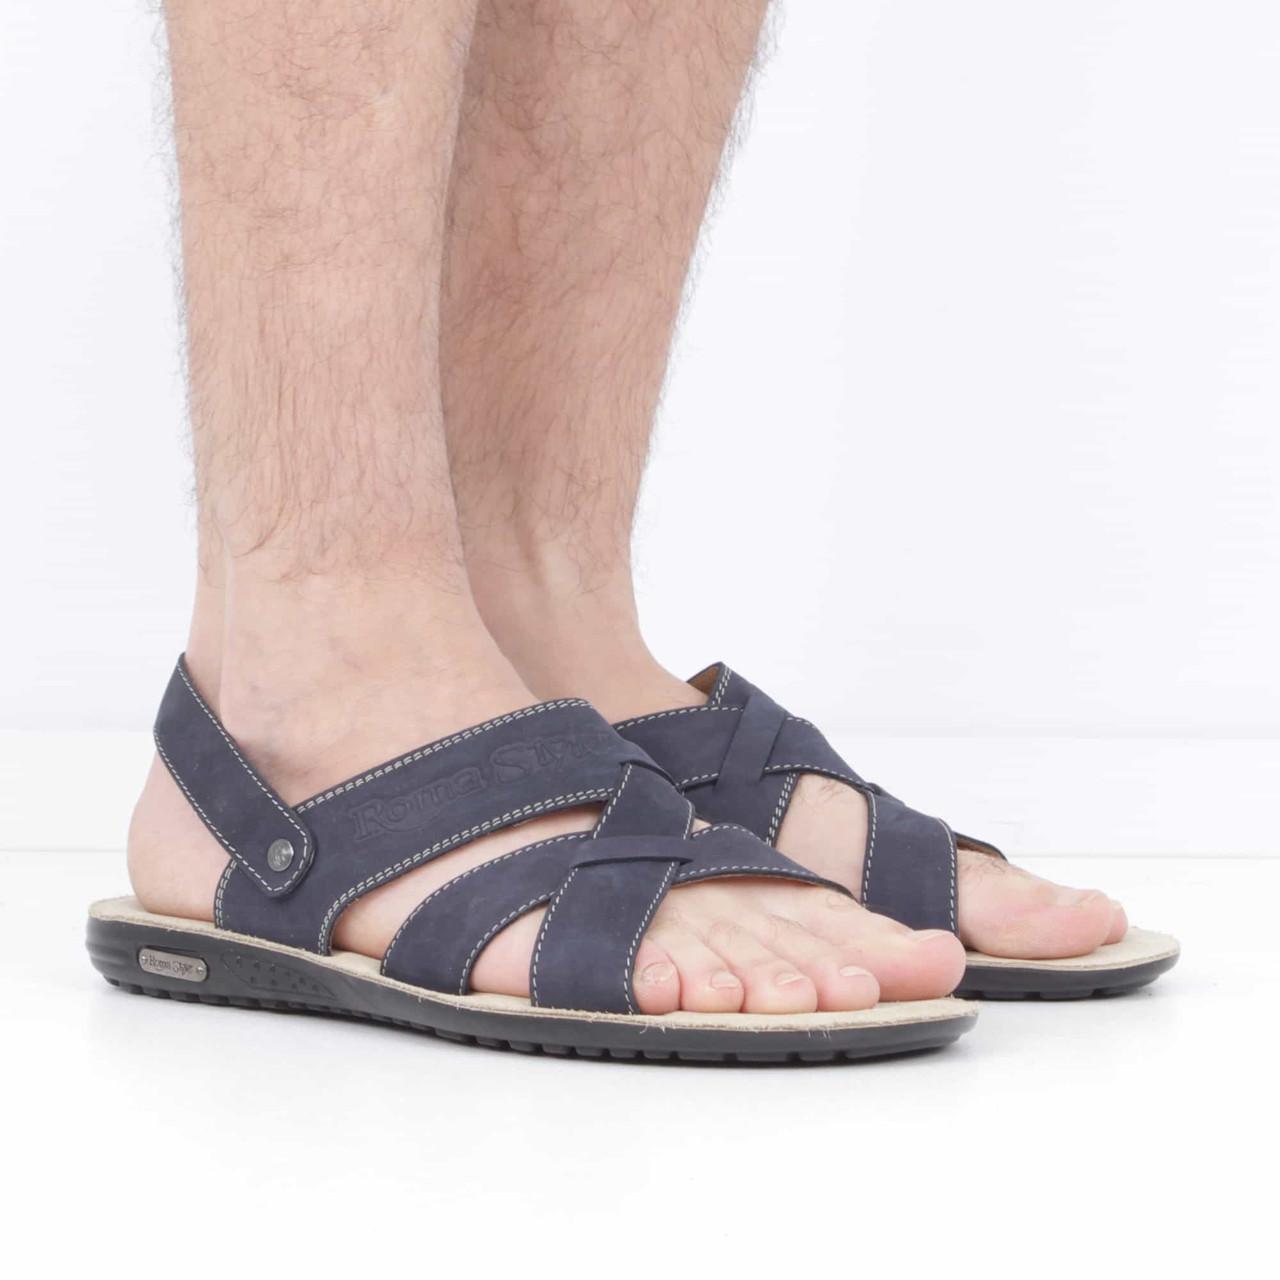 260ad4903 Нубуковые темно-синие сандалии (лето), 40 размер, код UT75645 ...